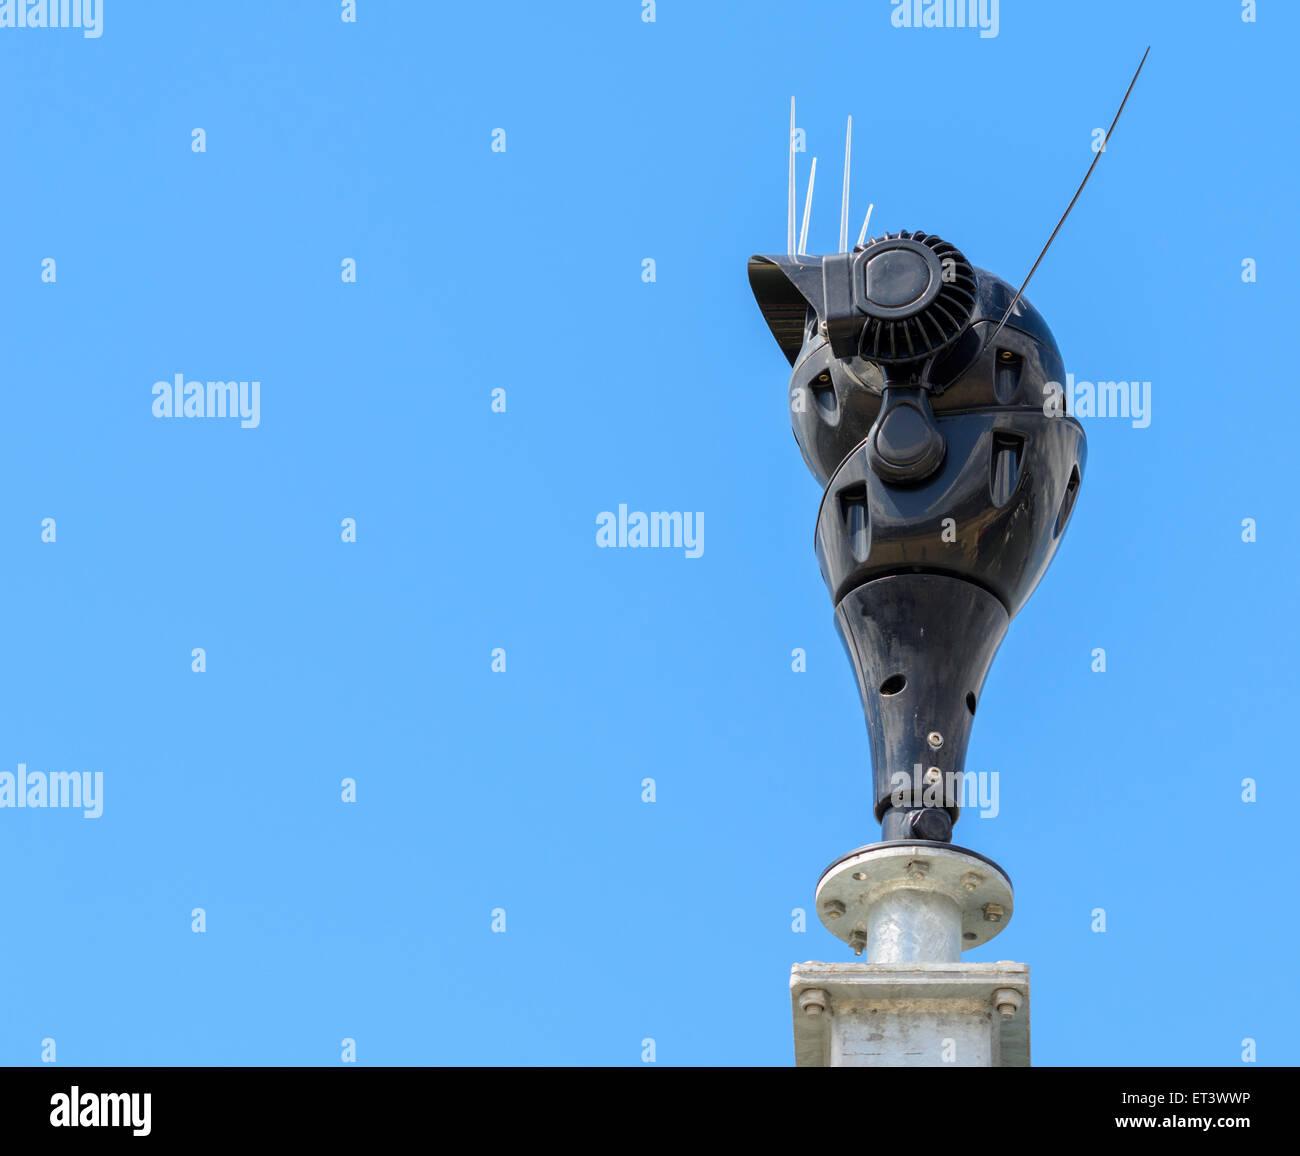 Webcam esterna contro il cielo blu. Immagini Stock